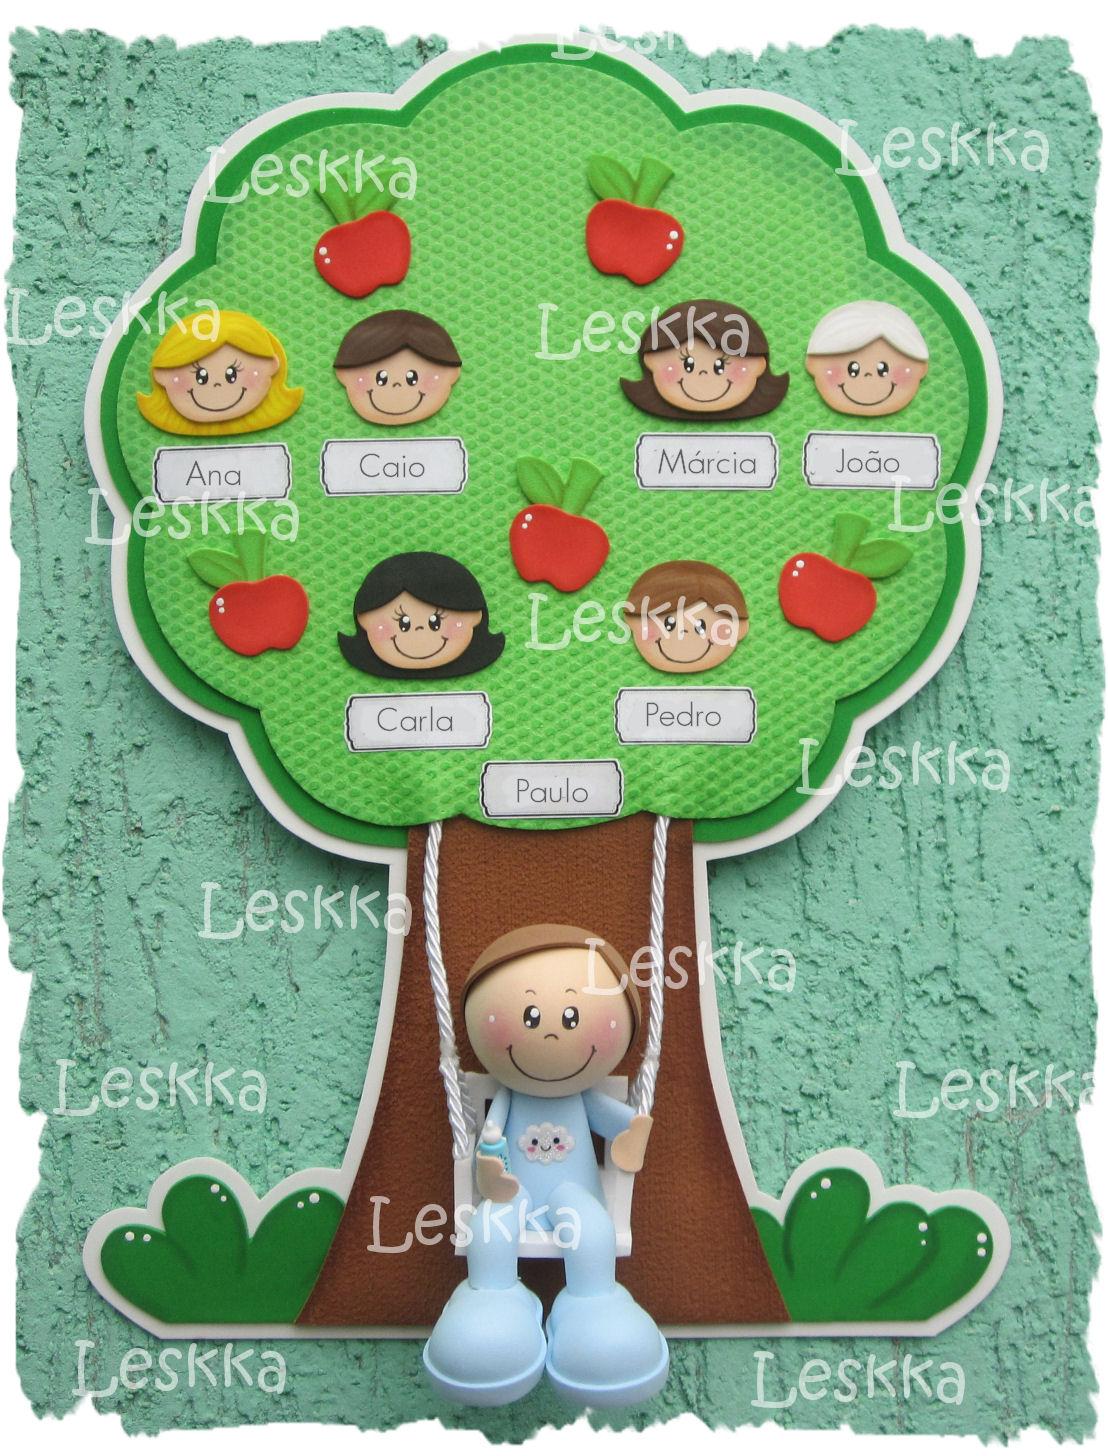 Leskka - Arte em e.v.a: Árvore genealógica!